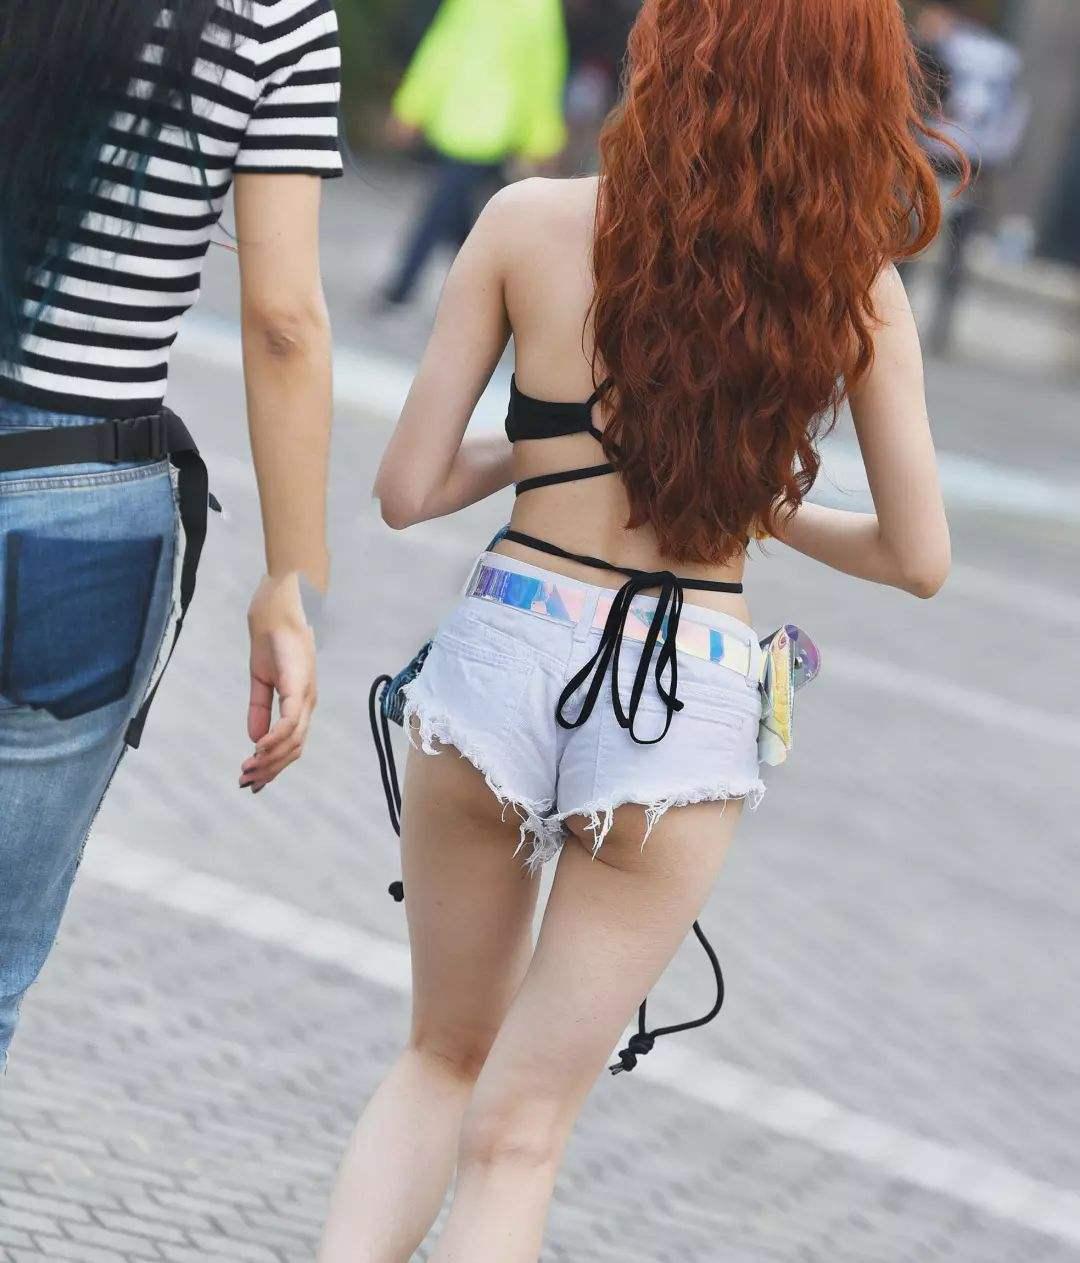 带车牌的GIF图片:姑娘到底是经历了什么!怎么成这样了